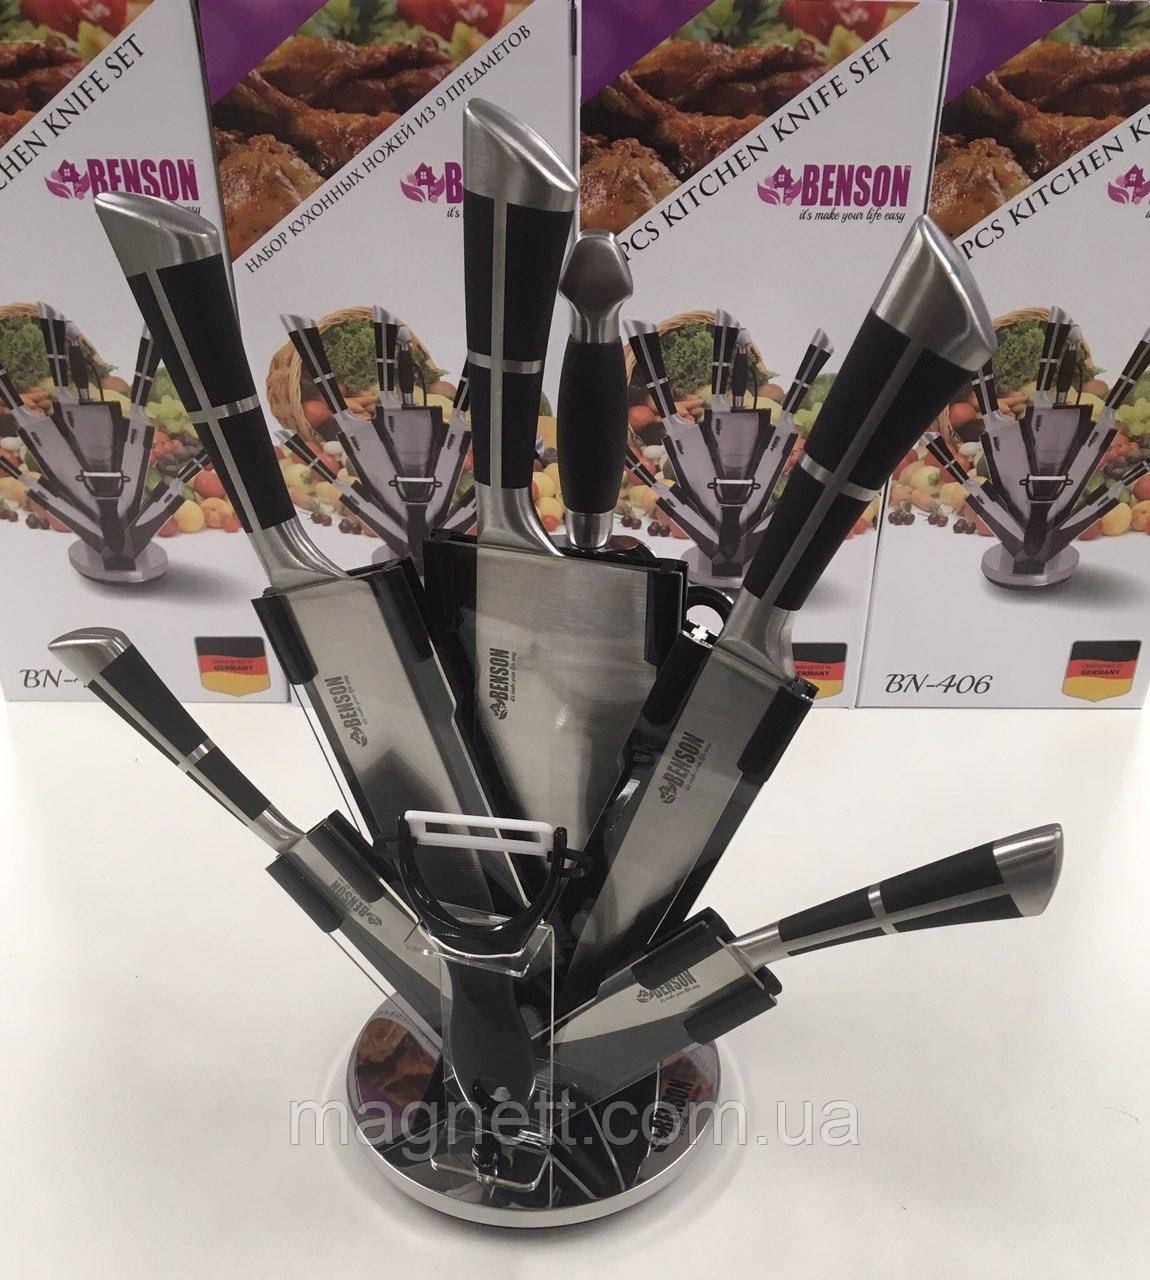 Якісний Набір ножів Benson BN-406 ( 9 предметів)